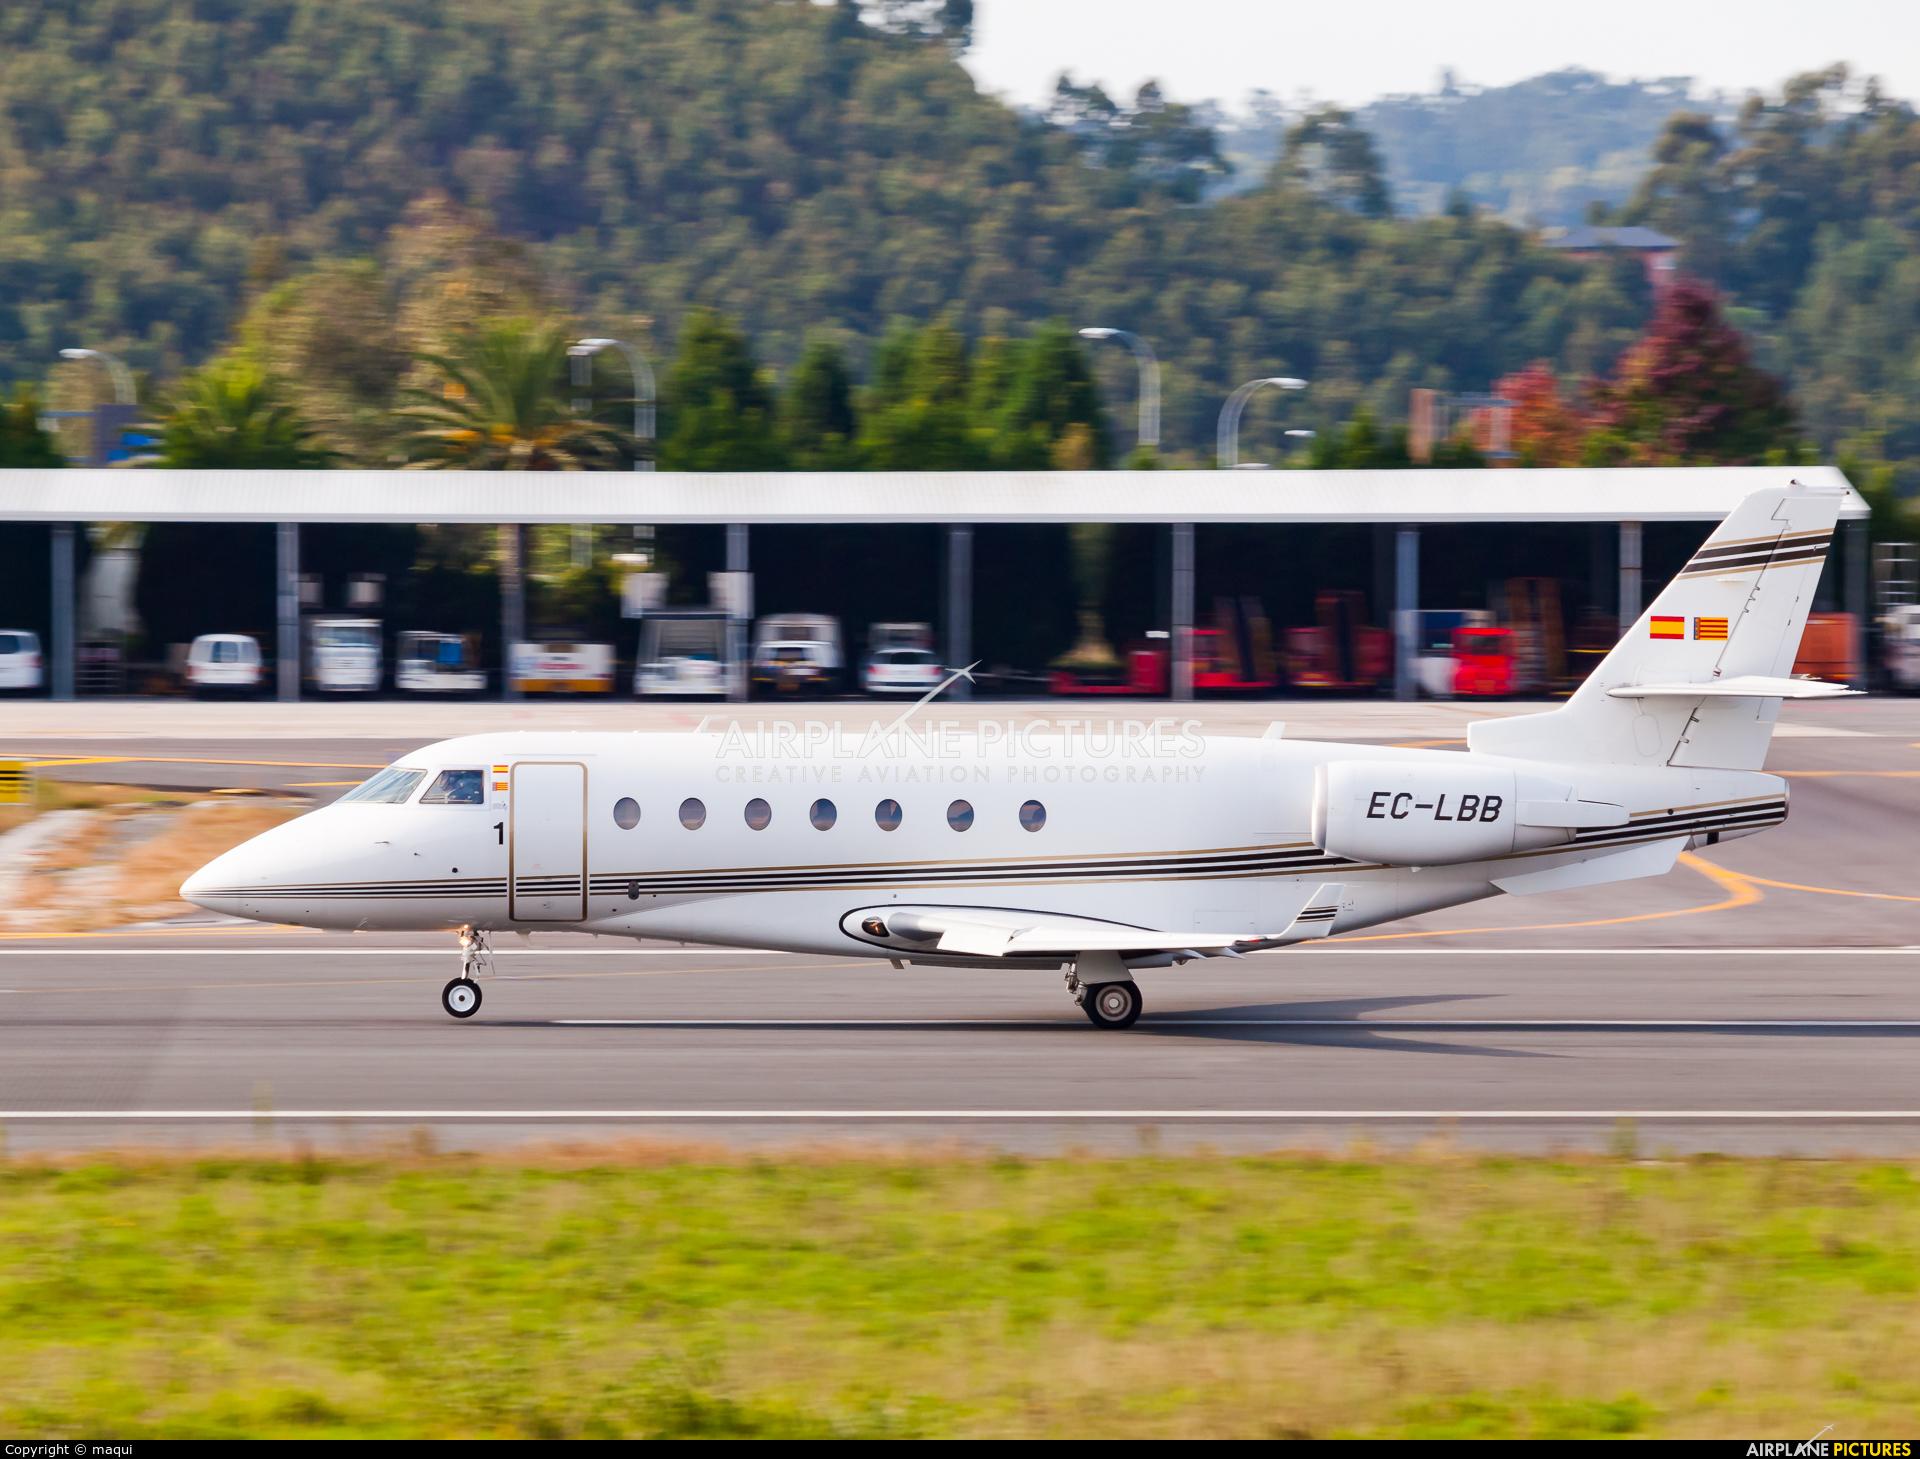 Private EC-LBB aircraft at La Coruña